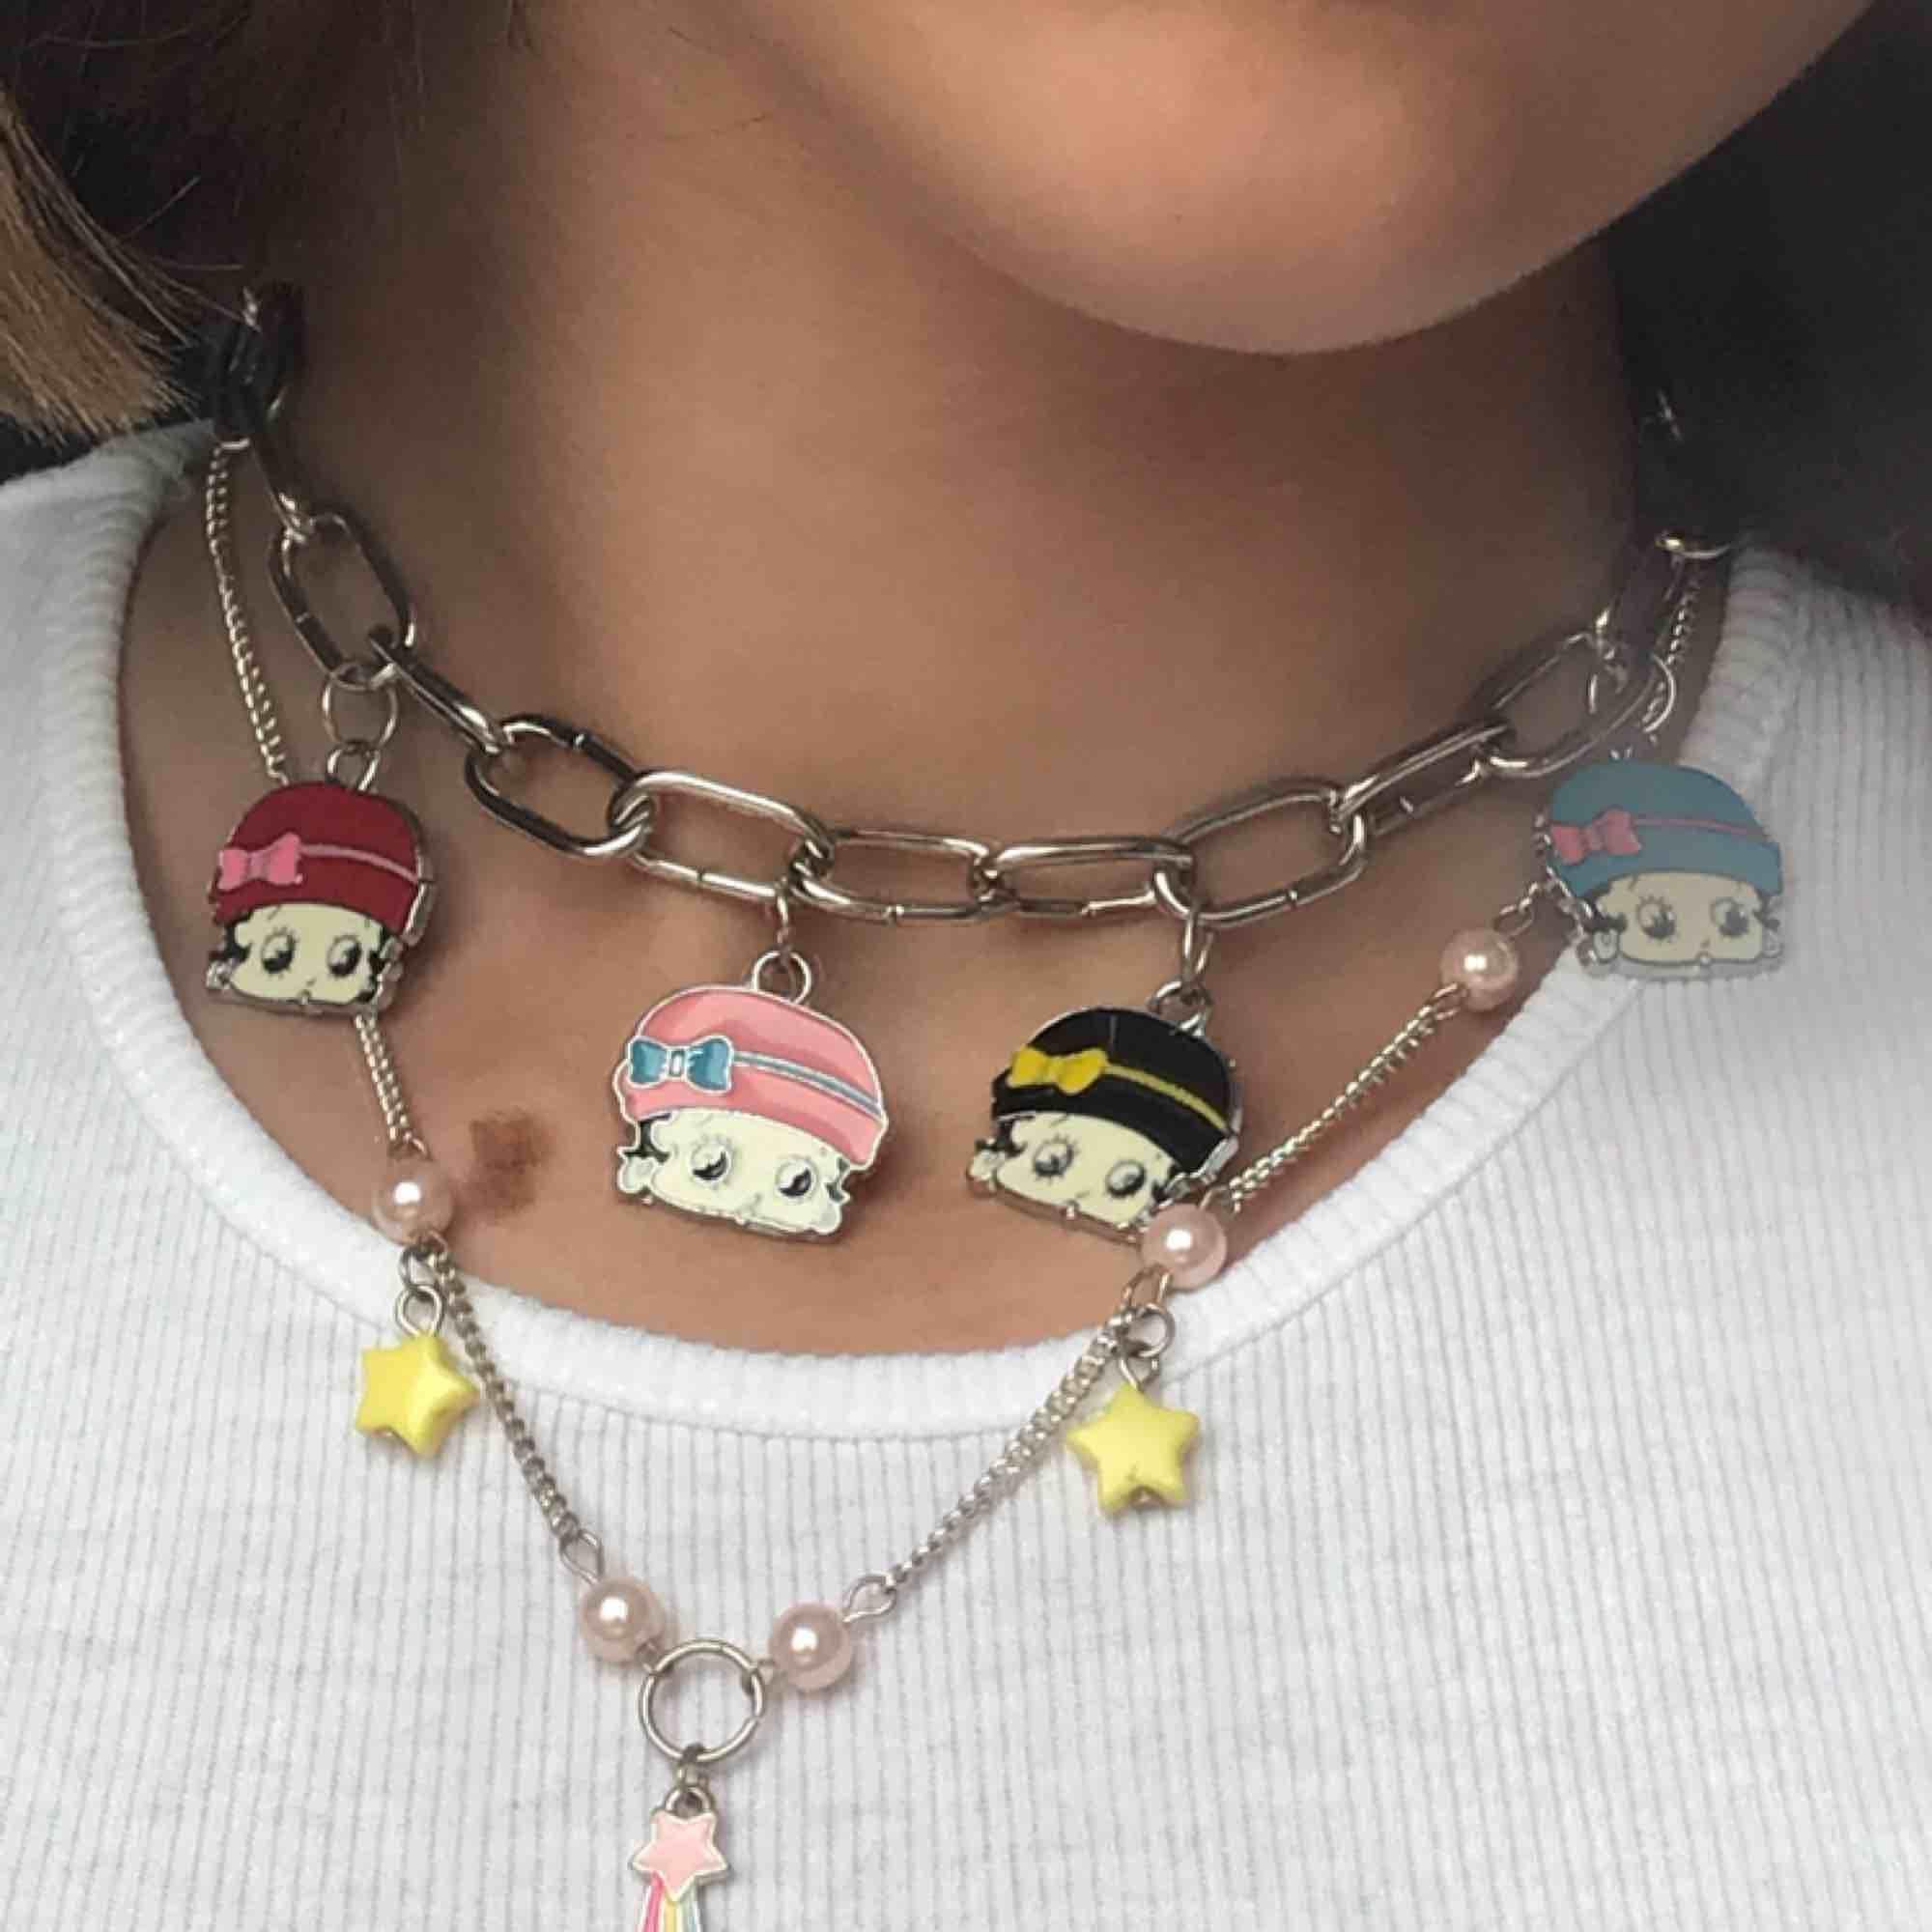 jättegulligt halsband med stjärnor på ♡ fick det i present för länge sedan, och har slutat använda det :) inget problem med kvalitén, men knäppet är lite missfärgat ♡ . Accessoarer.